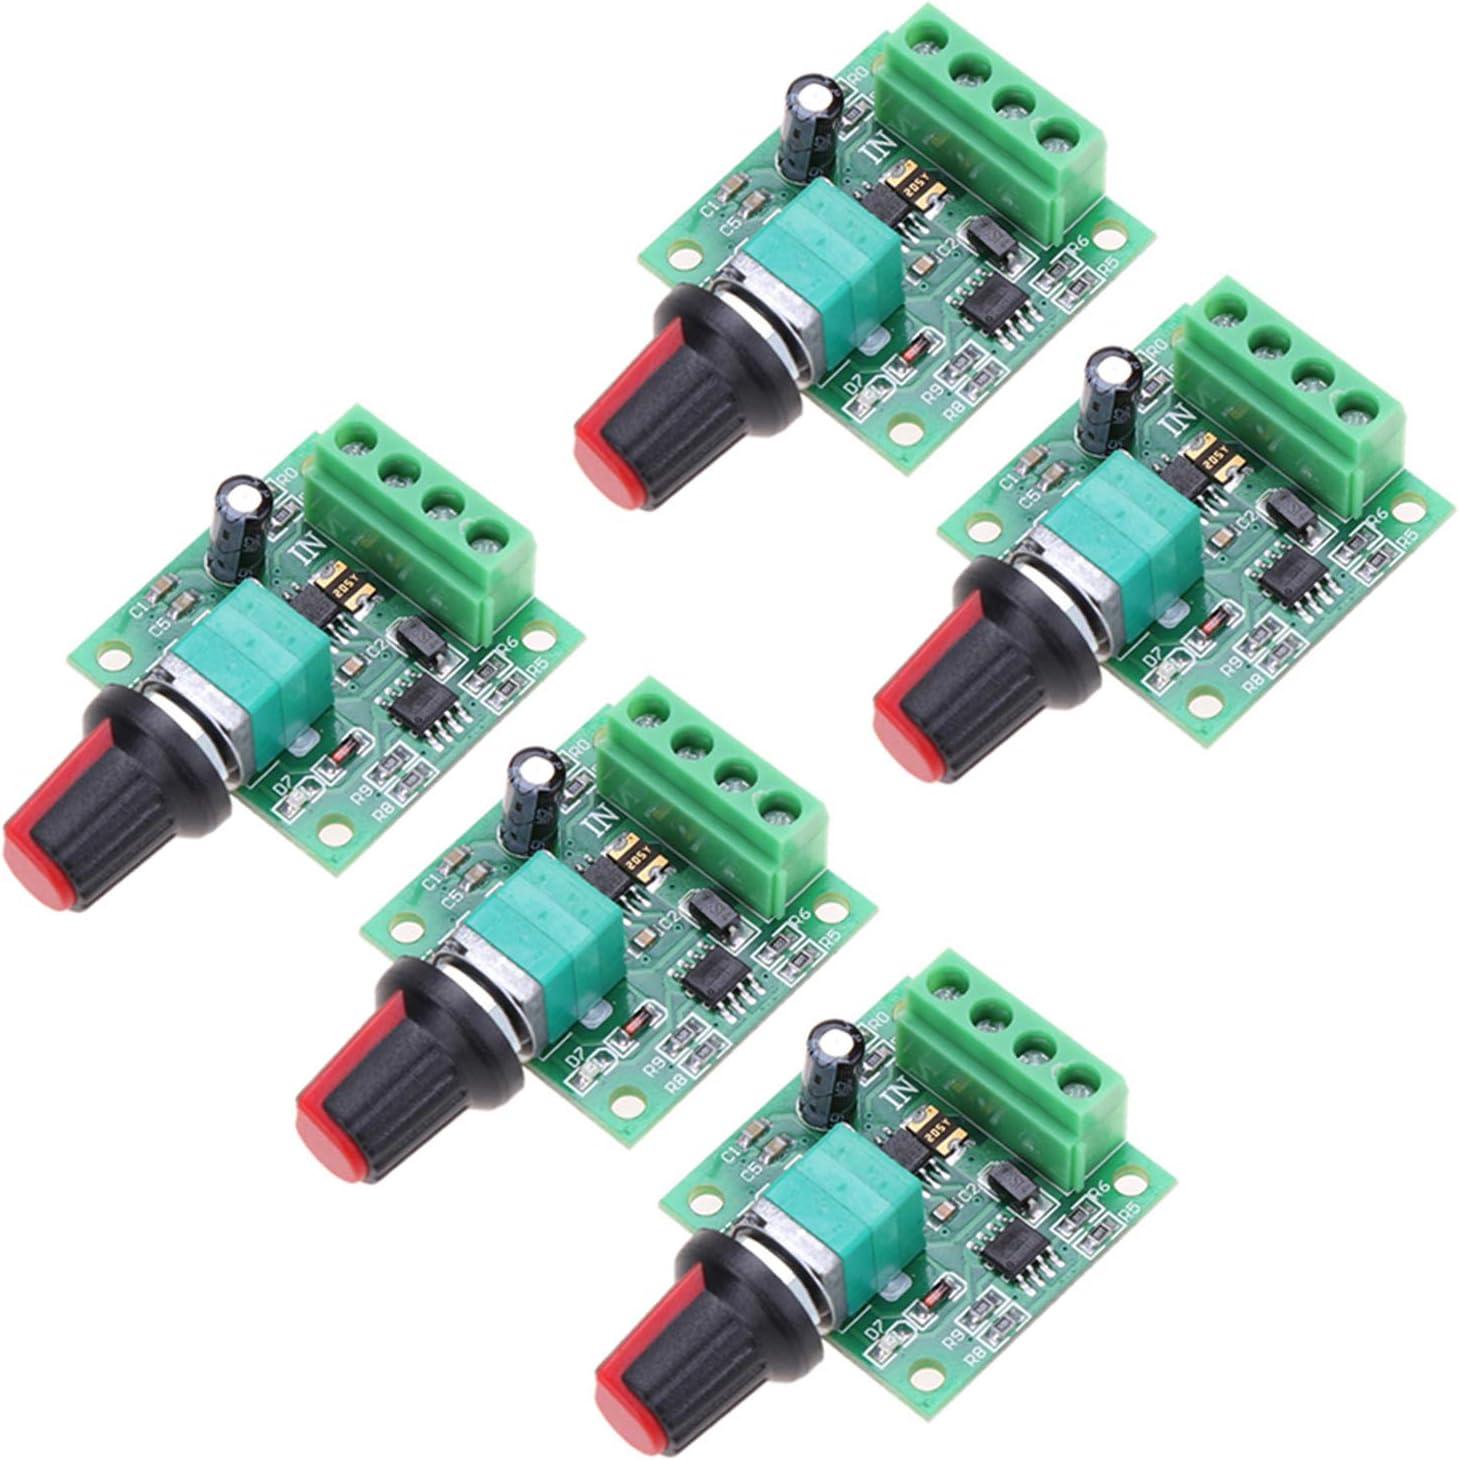 DC 3V~12V 5V 6V  9V 36000RPM High Speed MABUCHI FF-270PA Micro DC Motor BD183210